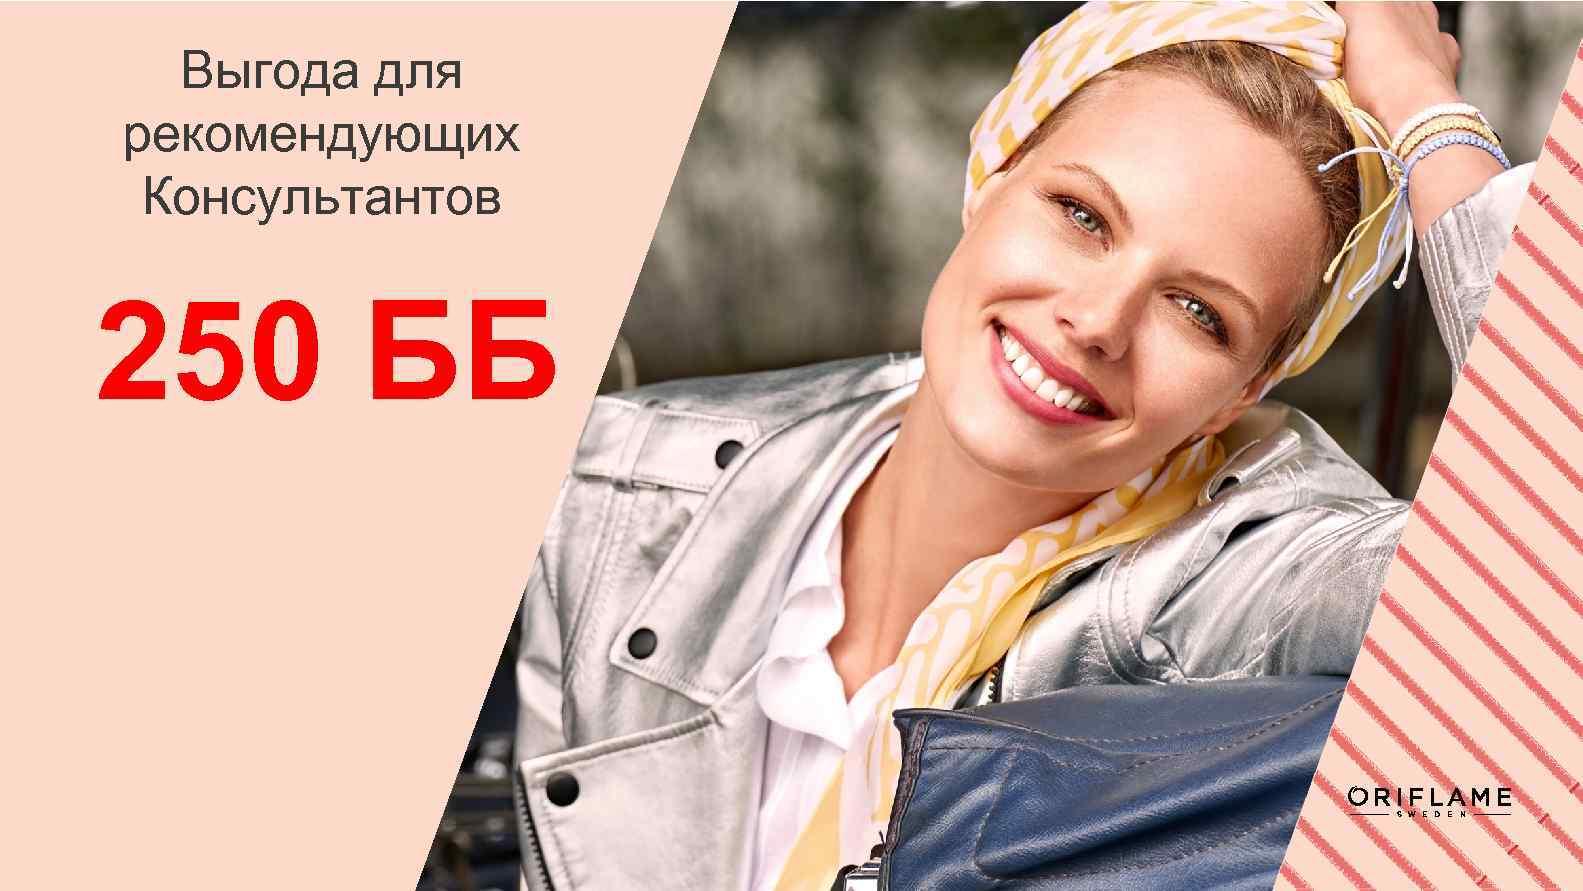 Выгода для рекомендующих Консультантов 250 ББ